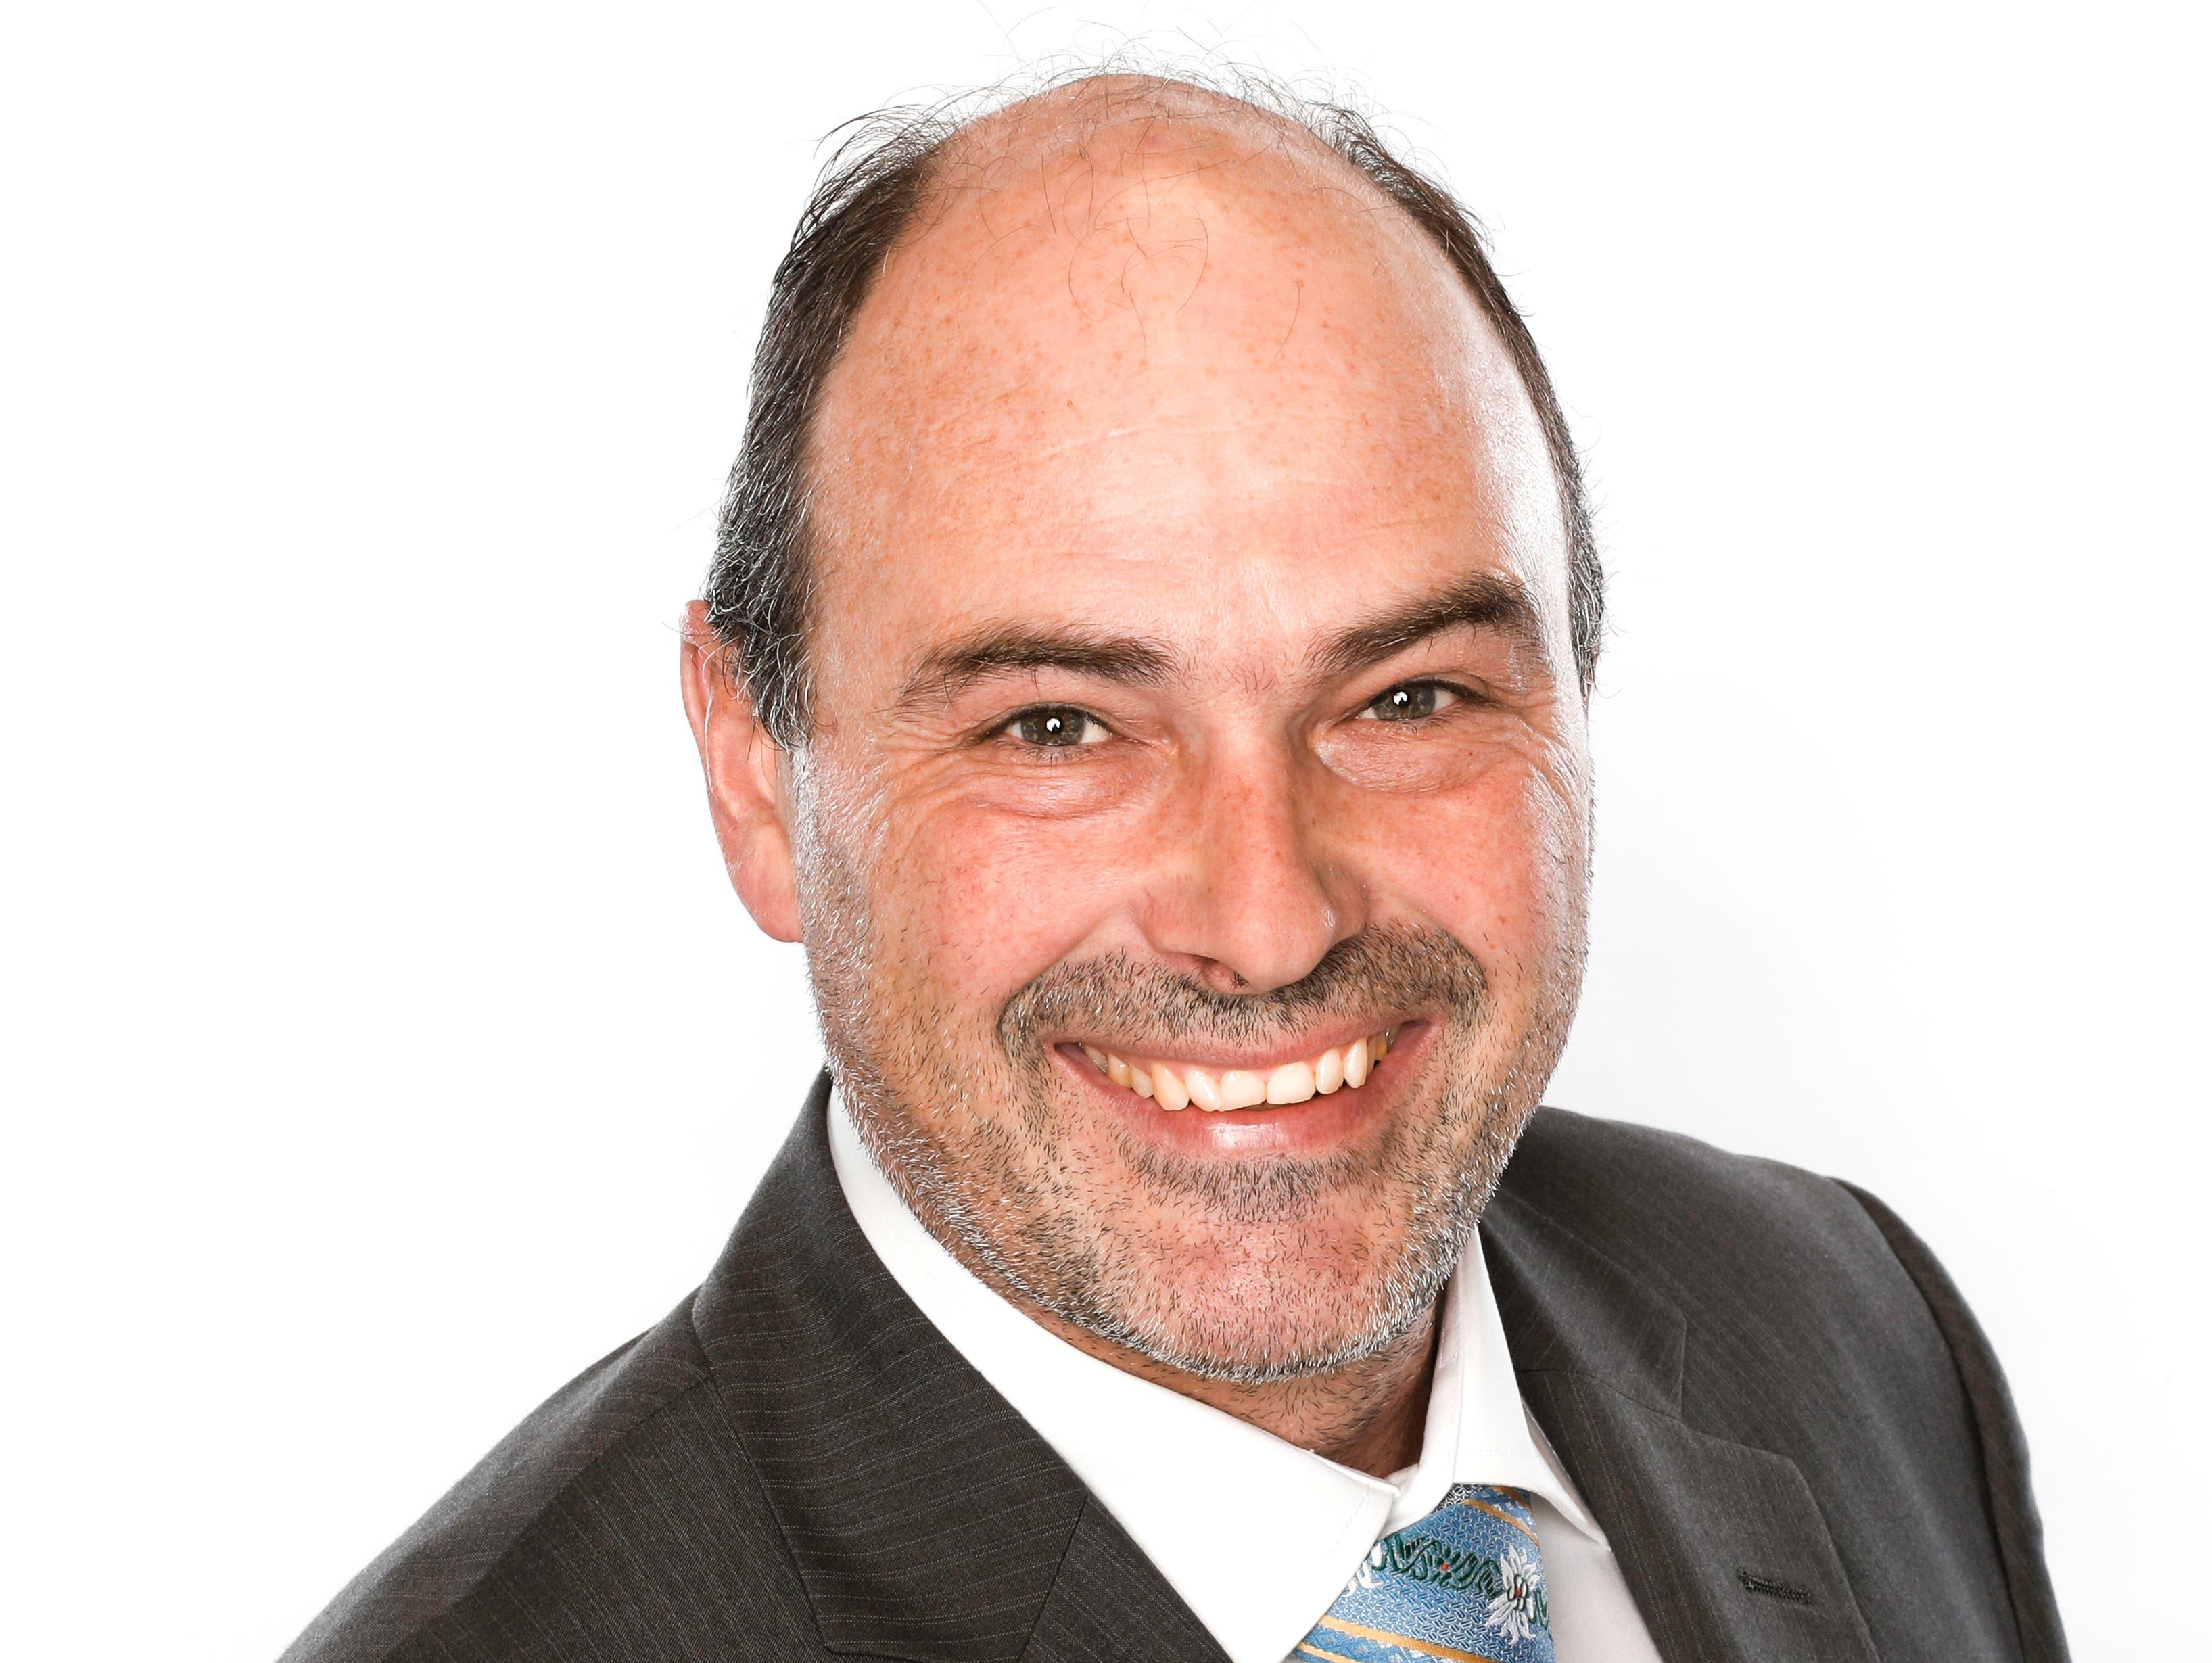 Gewählt mit 454 Stimmen: Josef Schnider, SVP